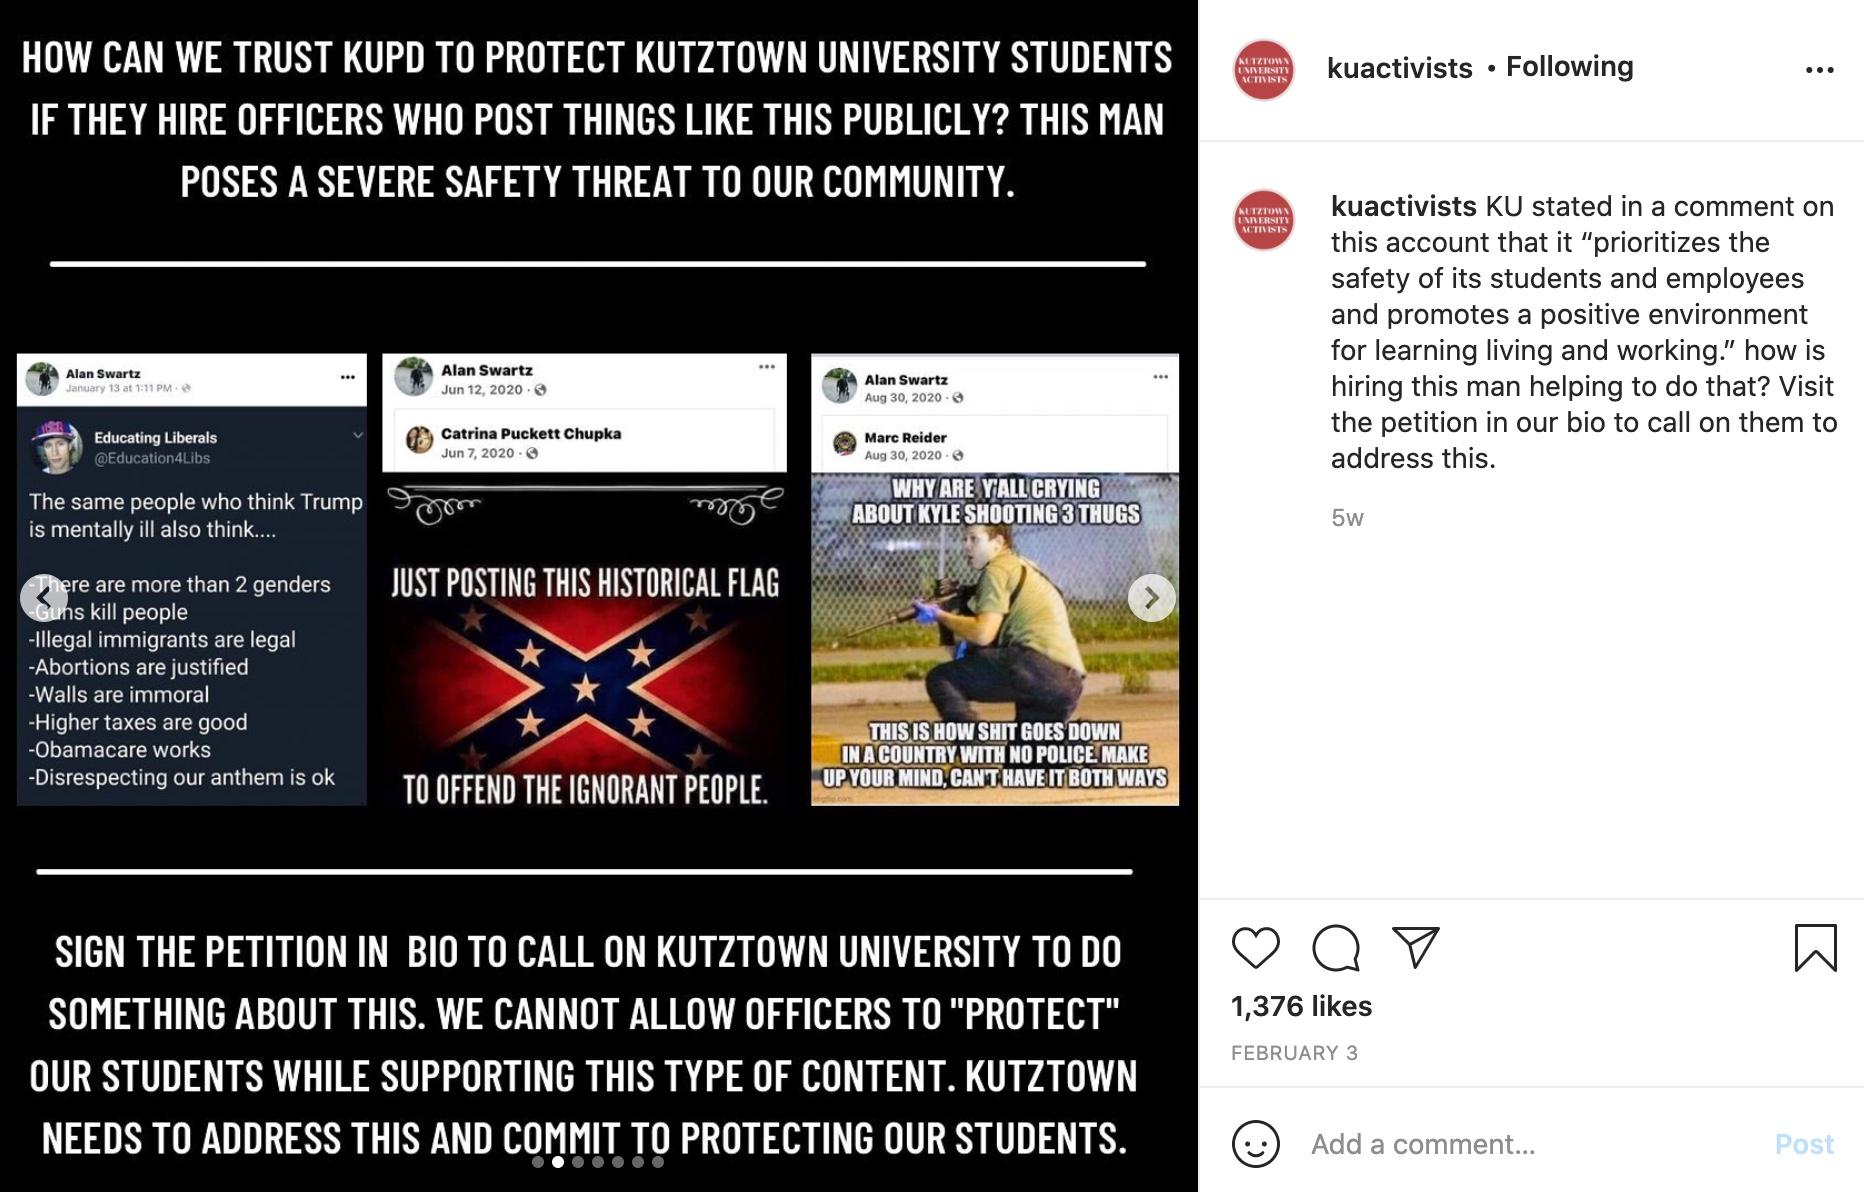 Screenshots of QAnon, Confederate, and far right militia propaganda shared by Swartz